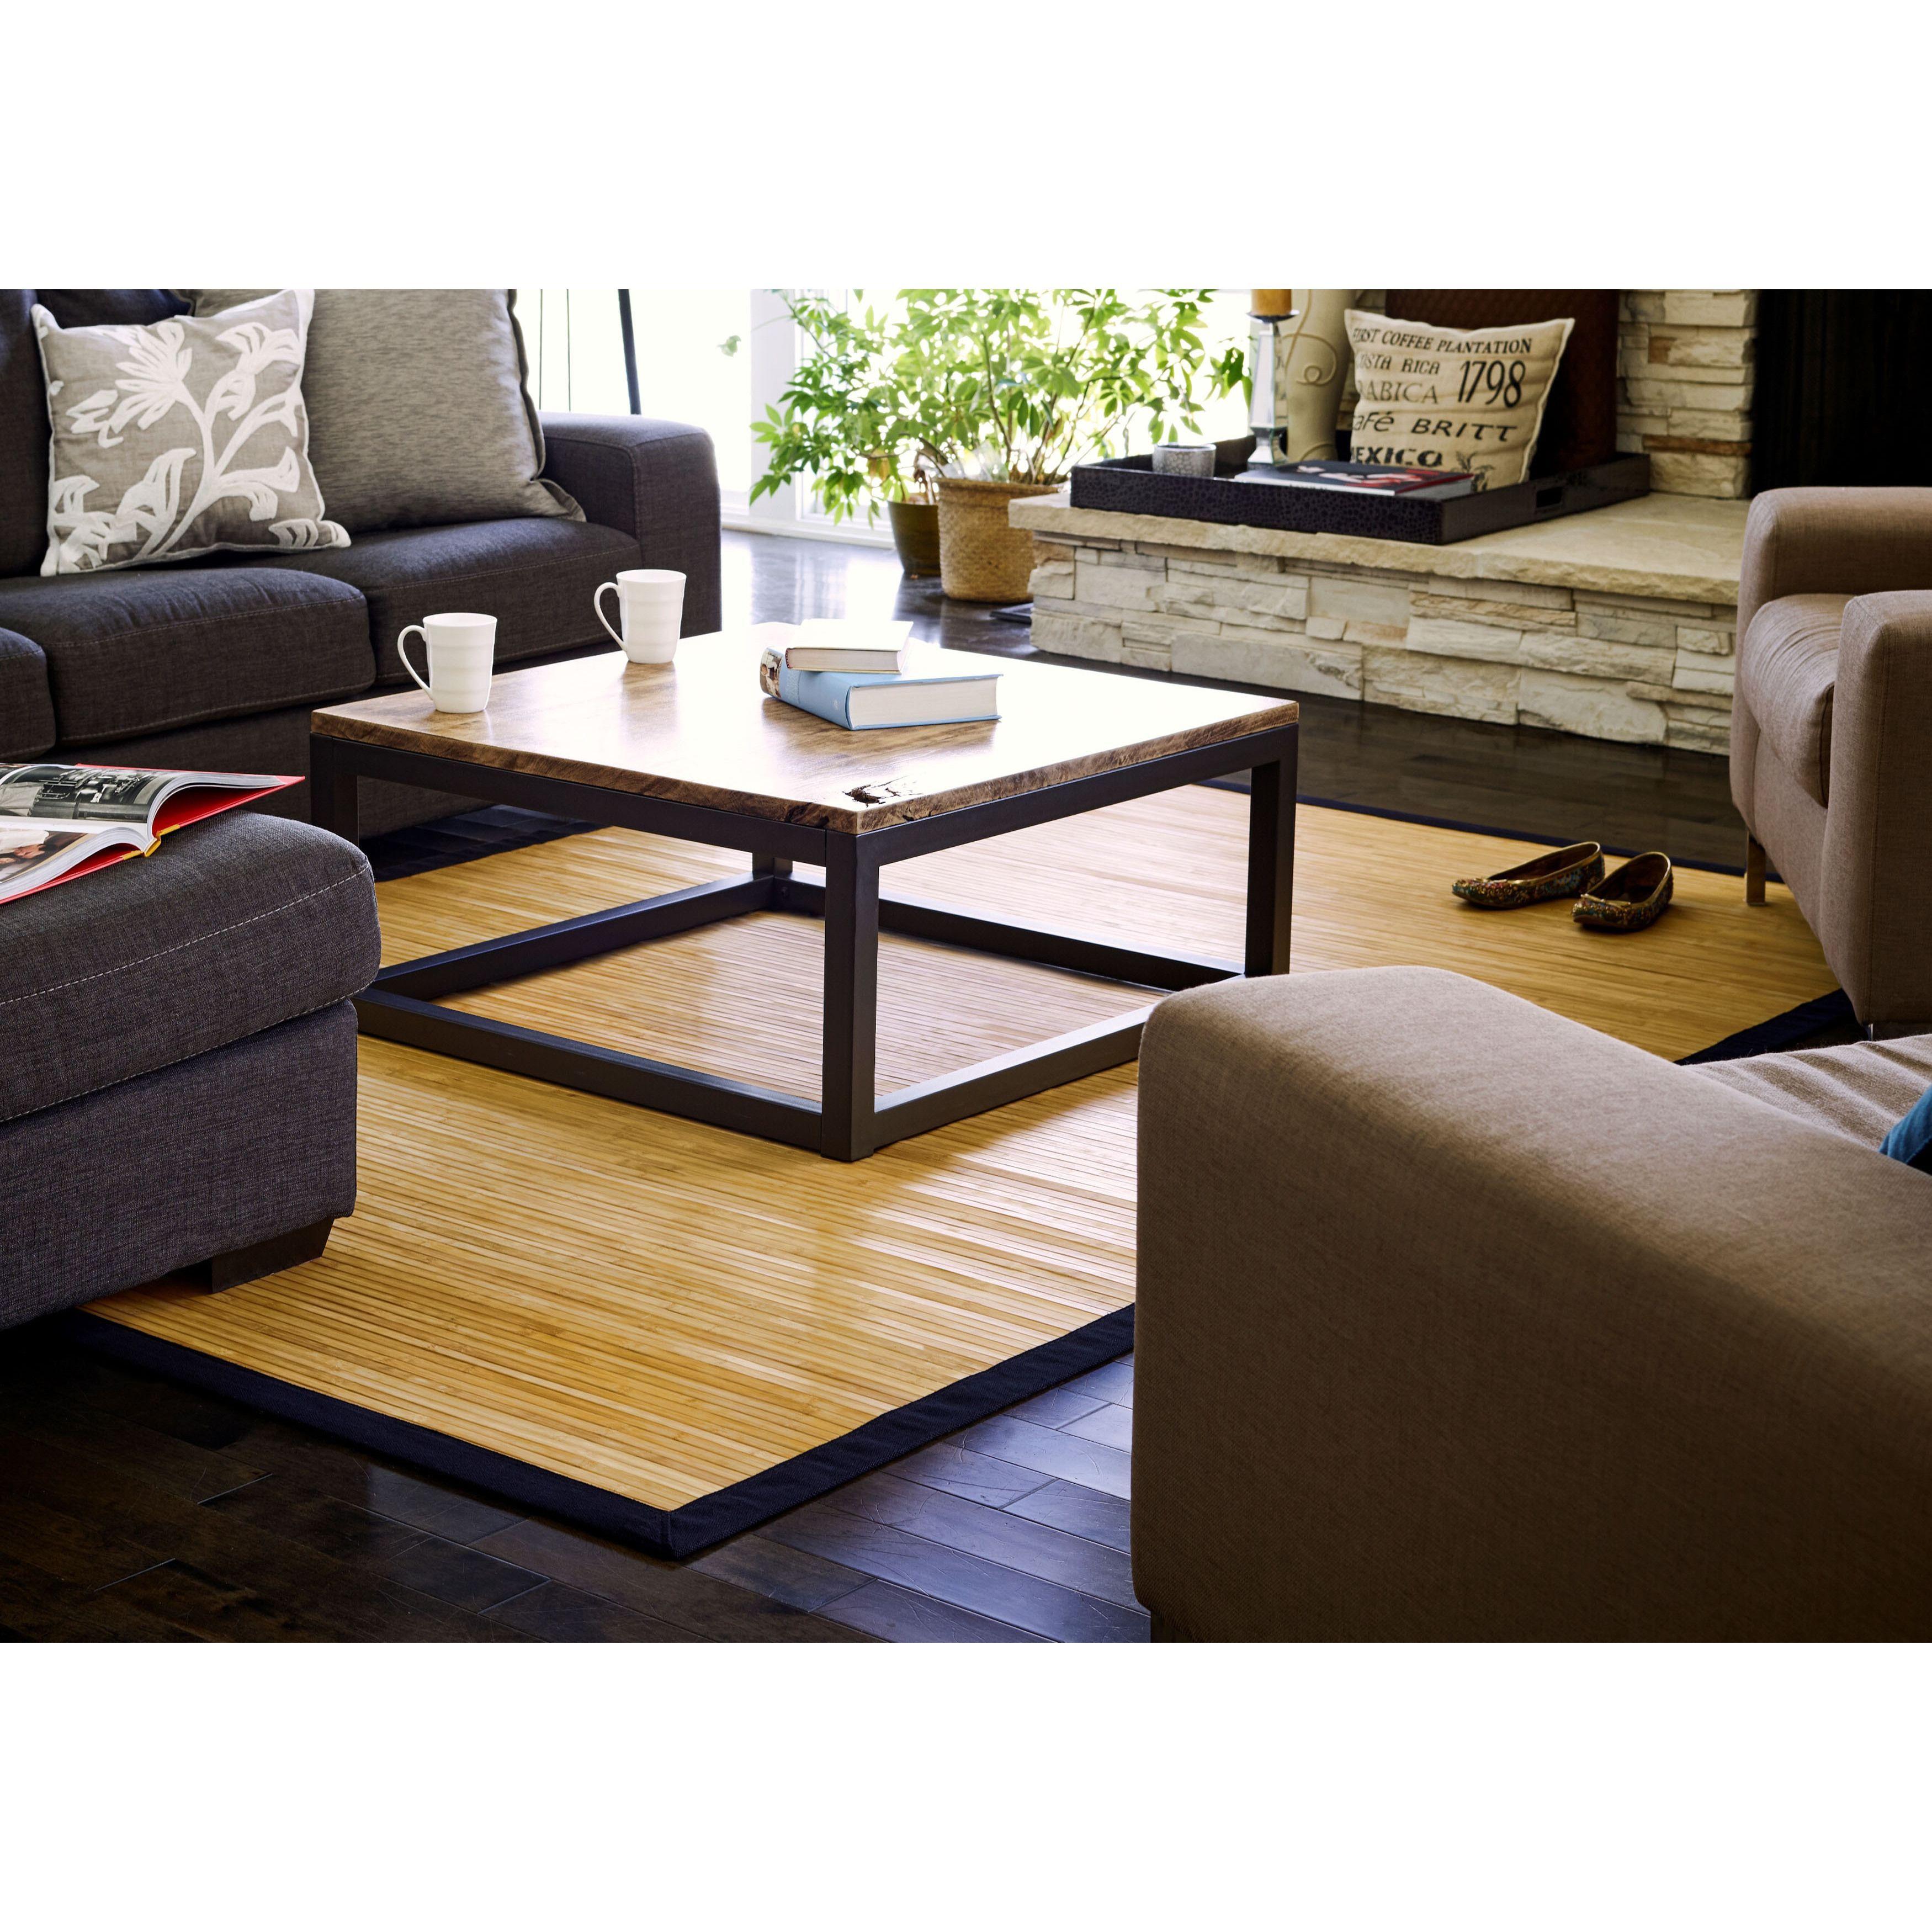 jani namaste bamboo rug with black border (5' x 8'), beige, size 5